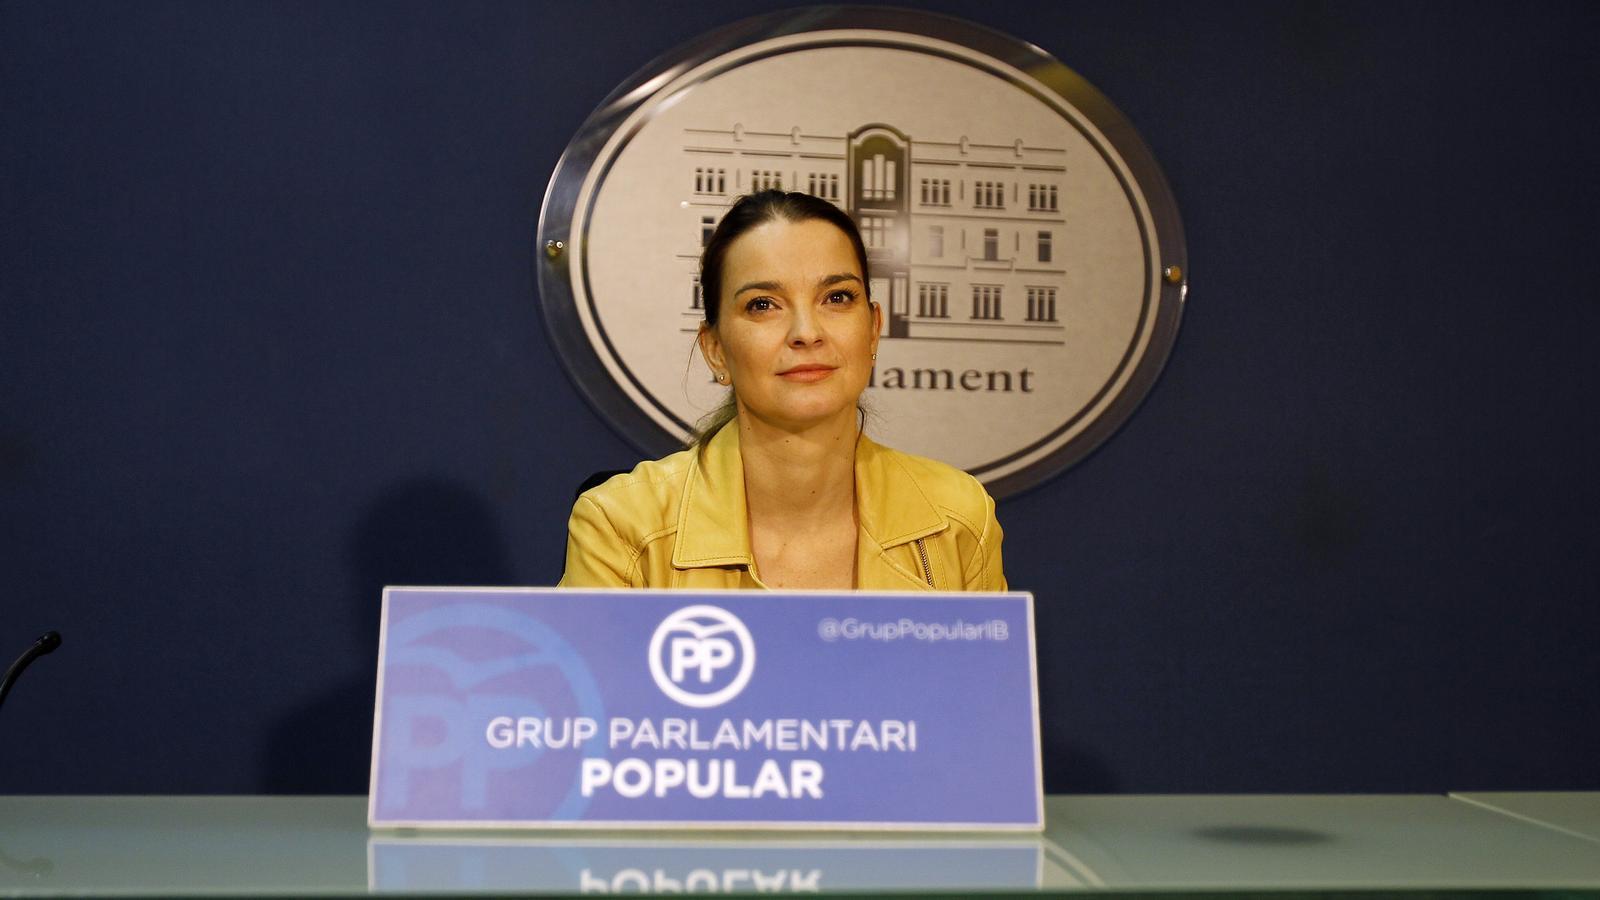 La portaveu parlamentària del PP, Marga Prohens